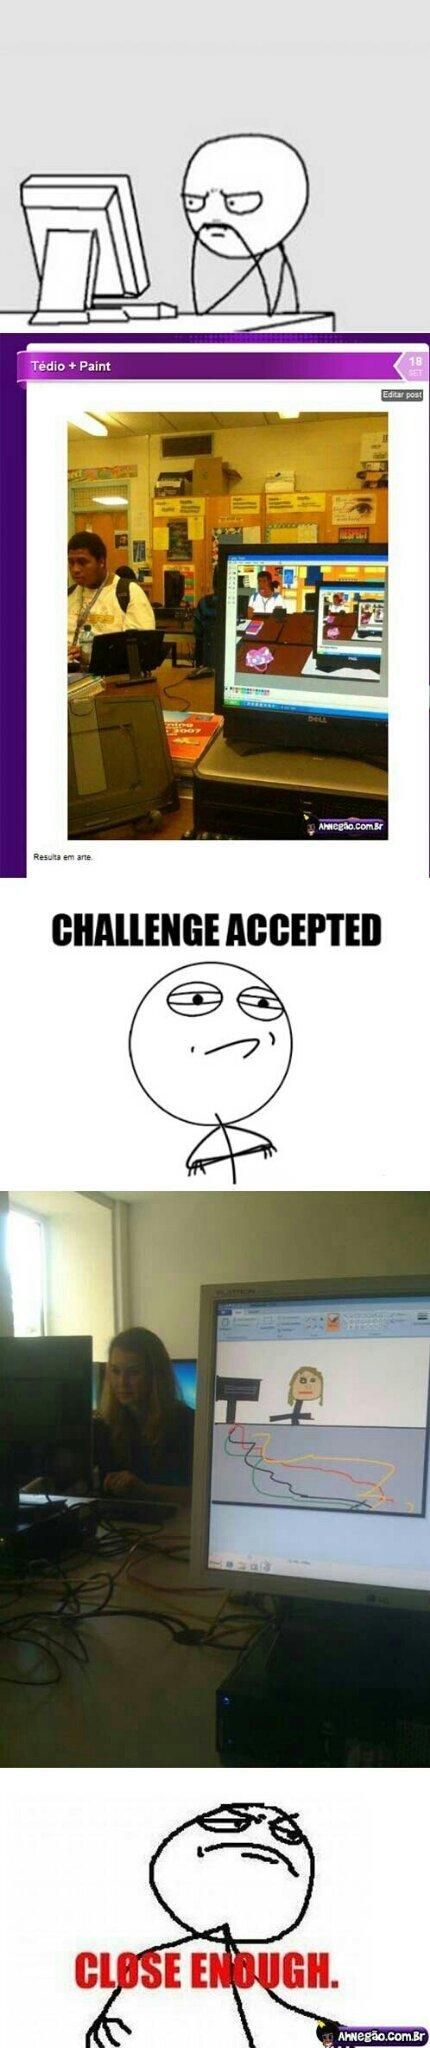 :challenger: - meme